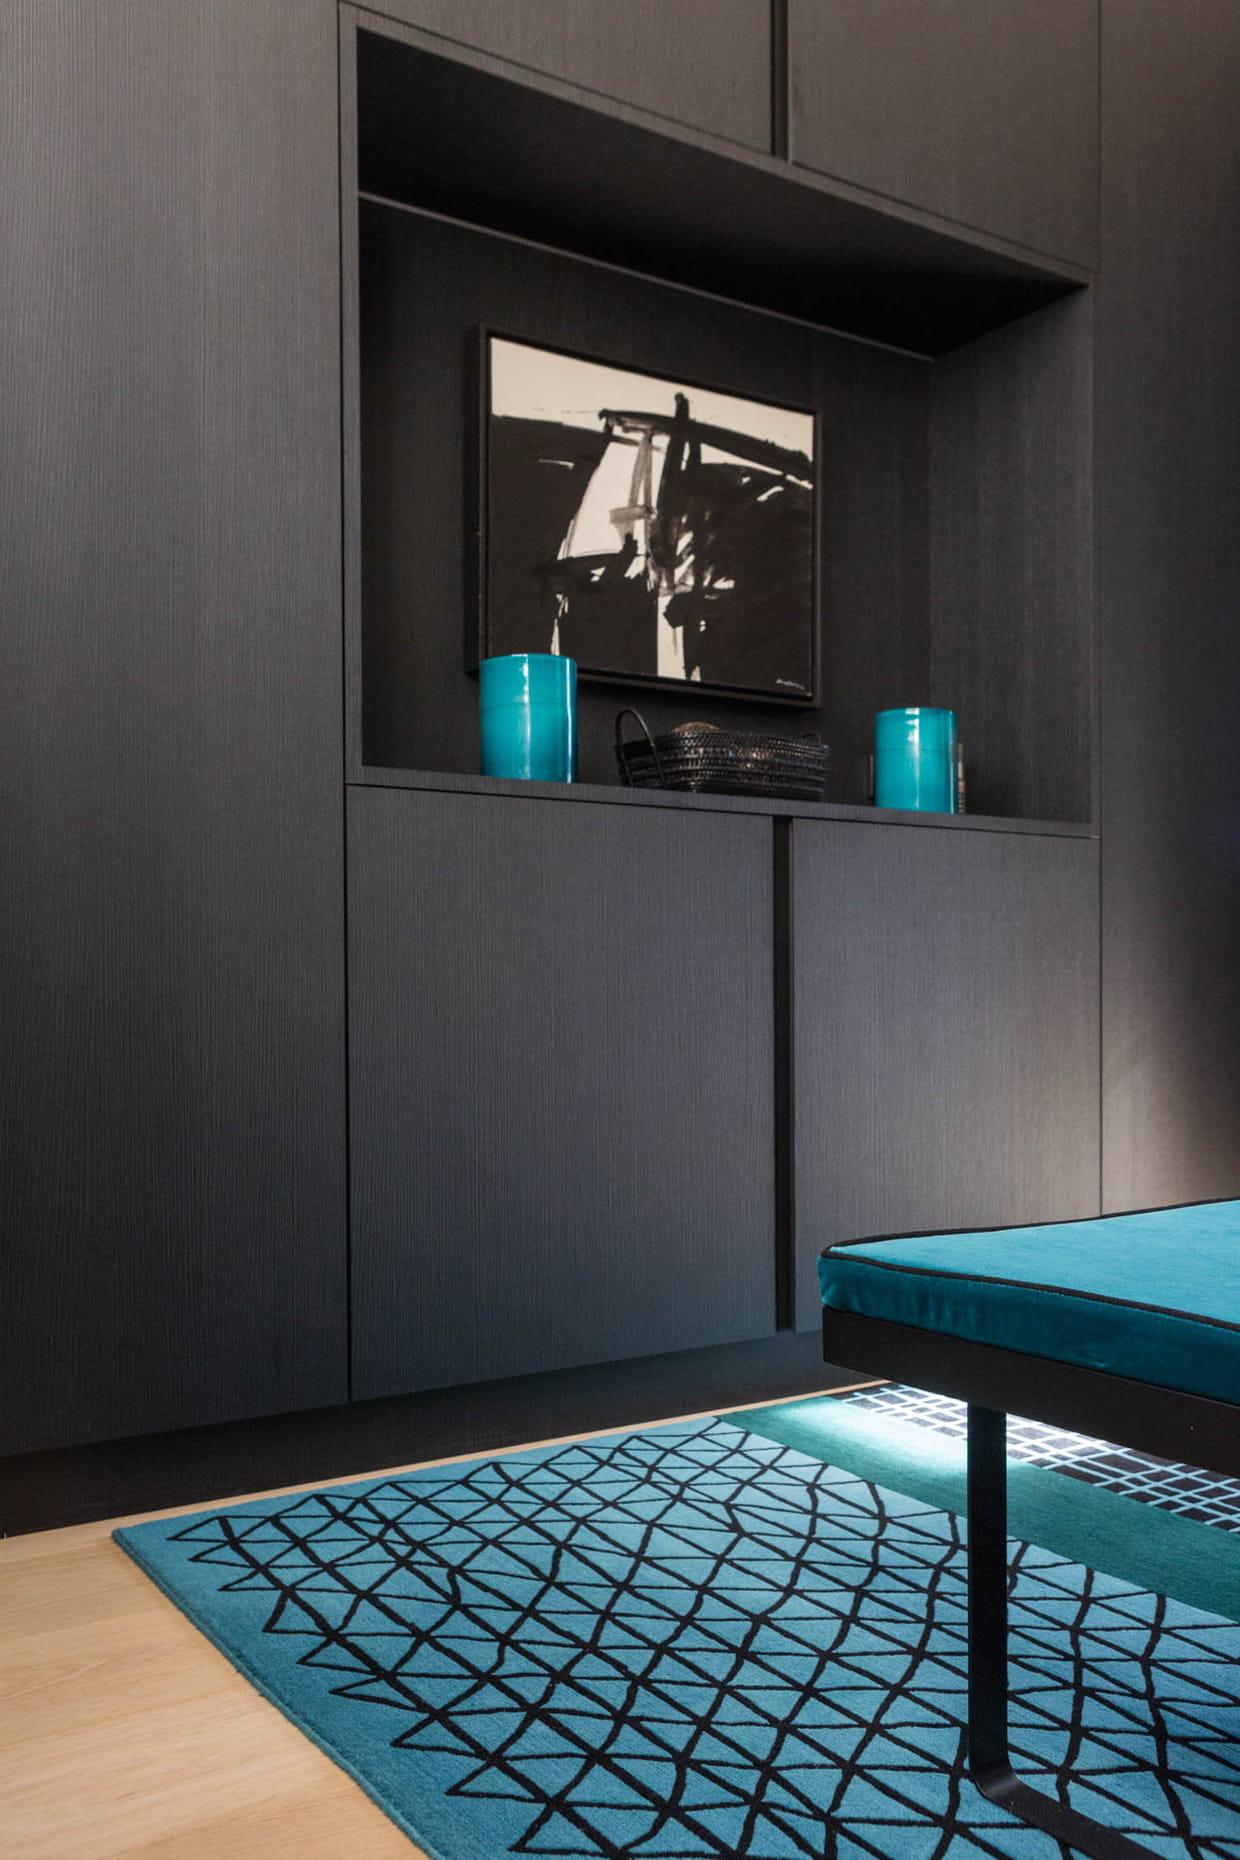 meubles sur mesure noirs dans la chambre. Black Bedroom Furniture Sets. Home Design Ideas